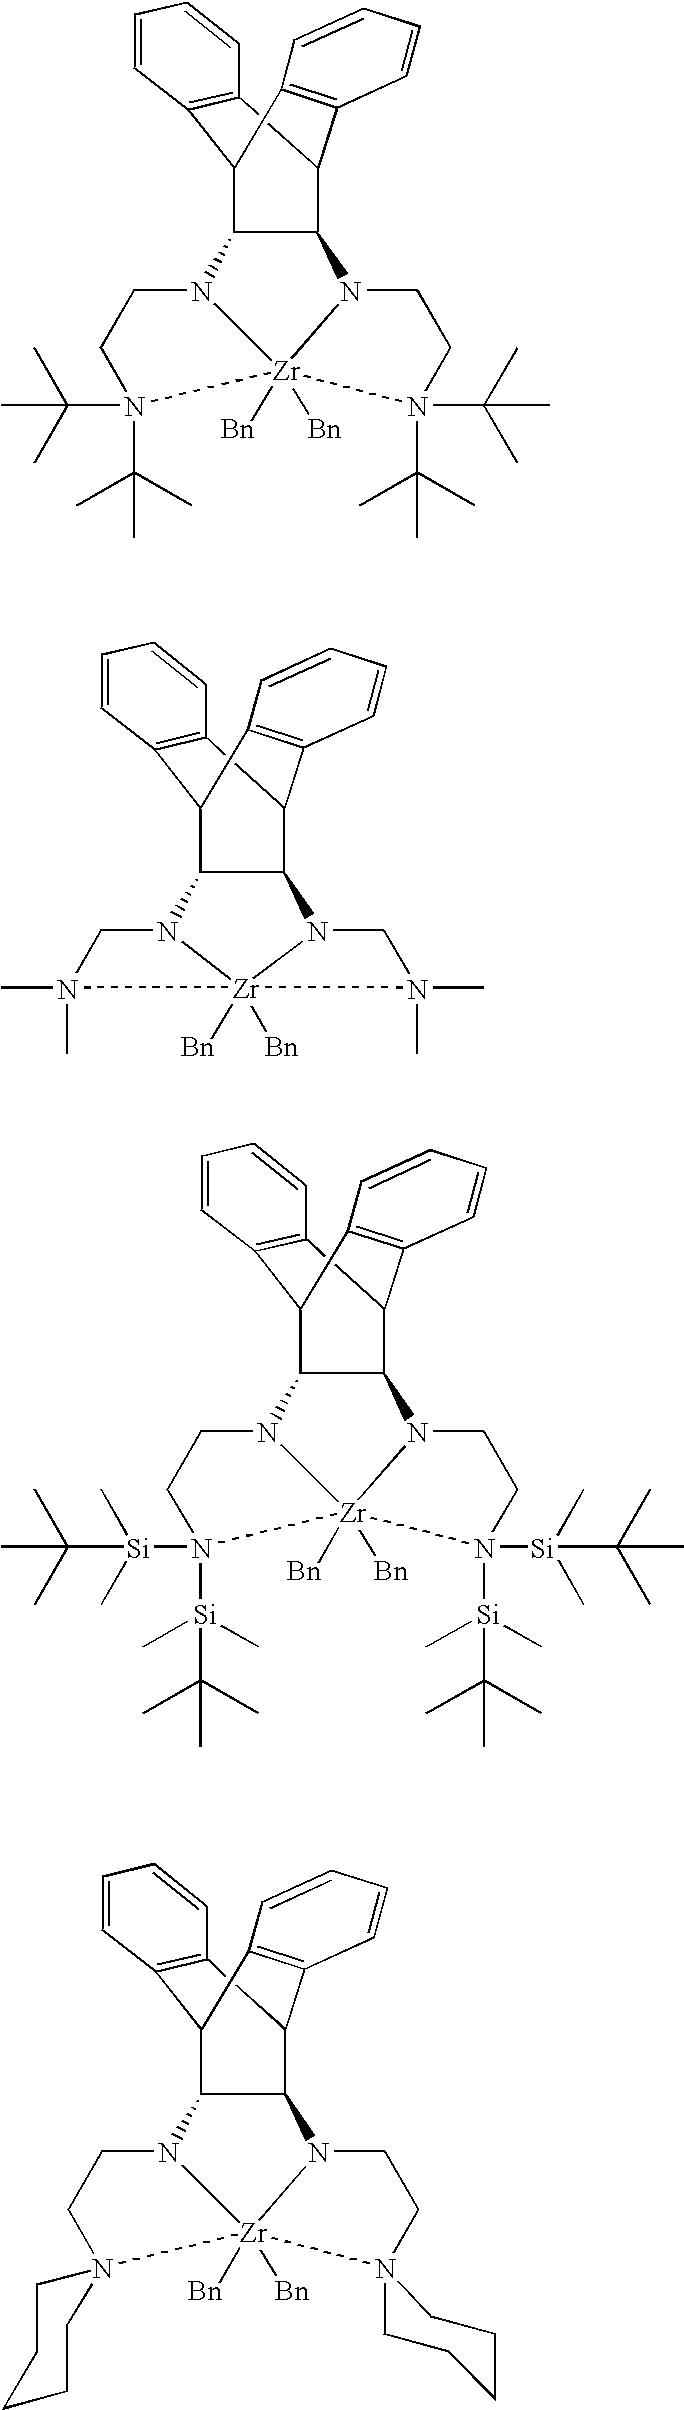 Figure US20060135352A1-20060622-C00018